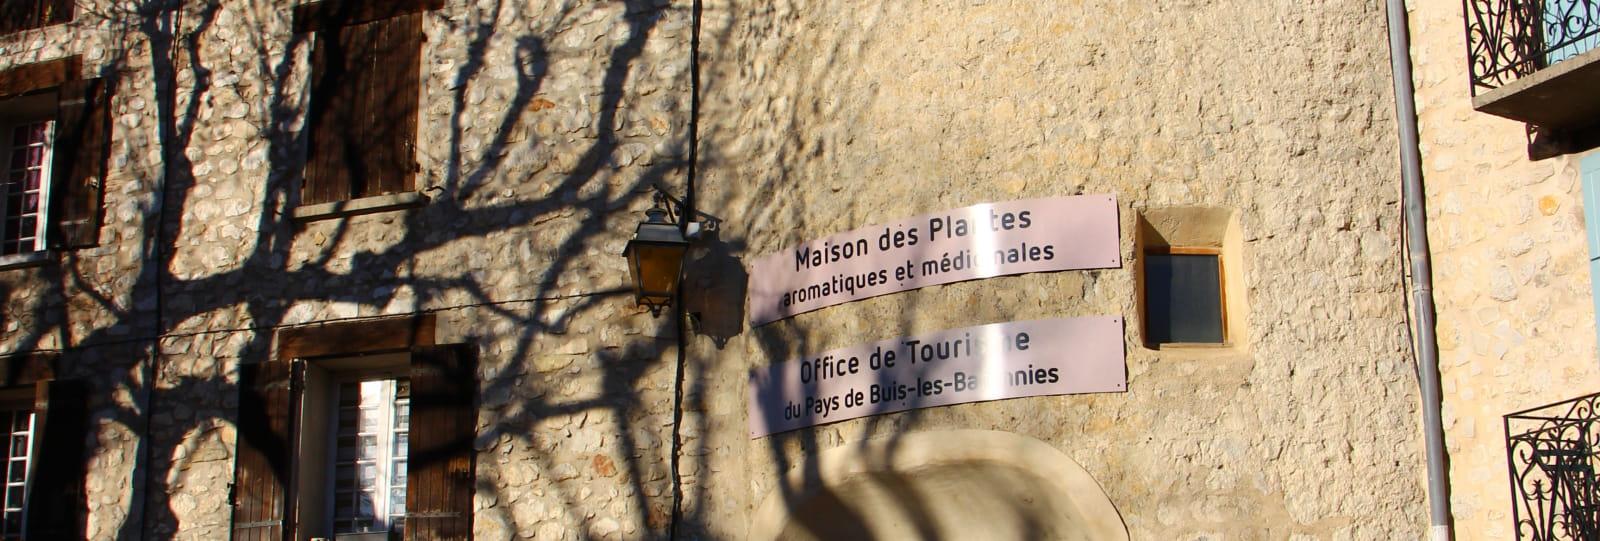 Office de Tourisme des Baronnies en Drôme Provençale - Pays de Buis-les-Baronnies